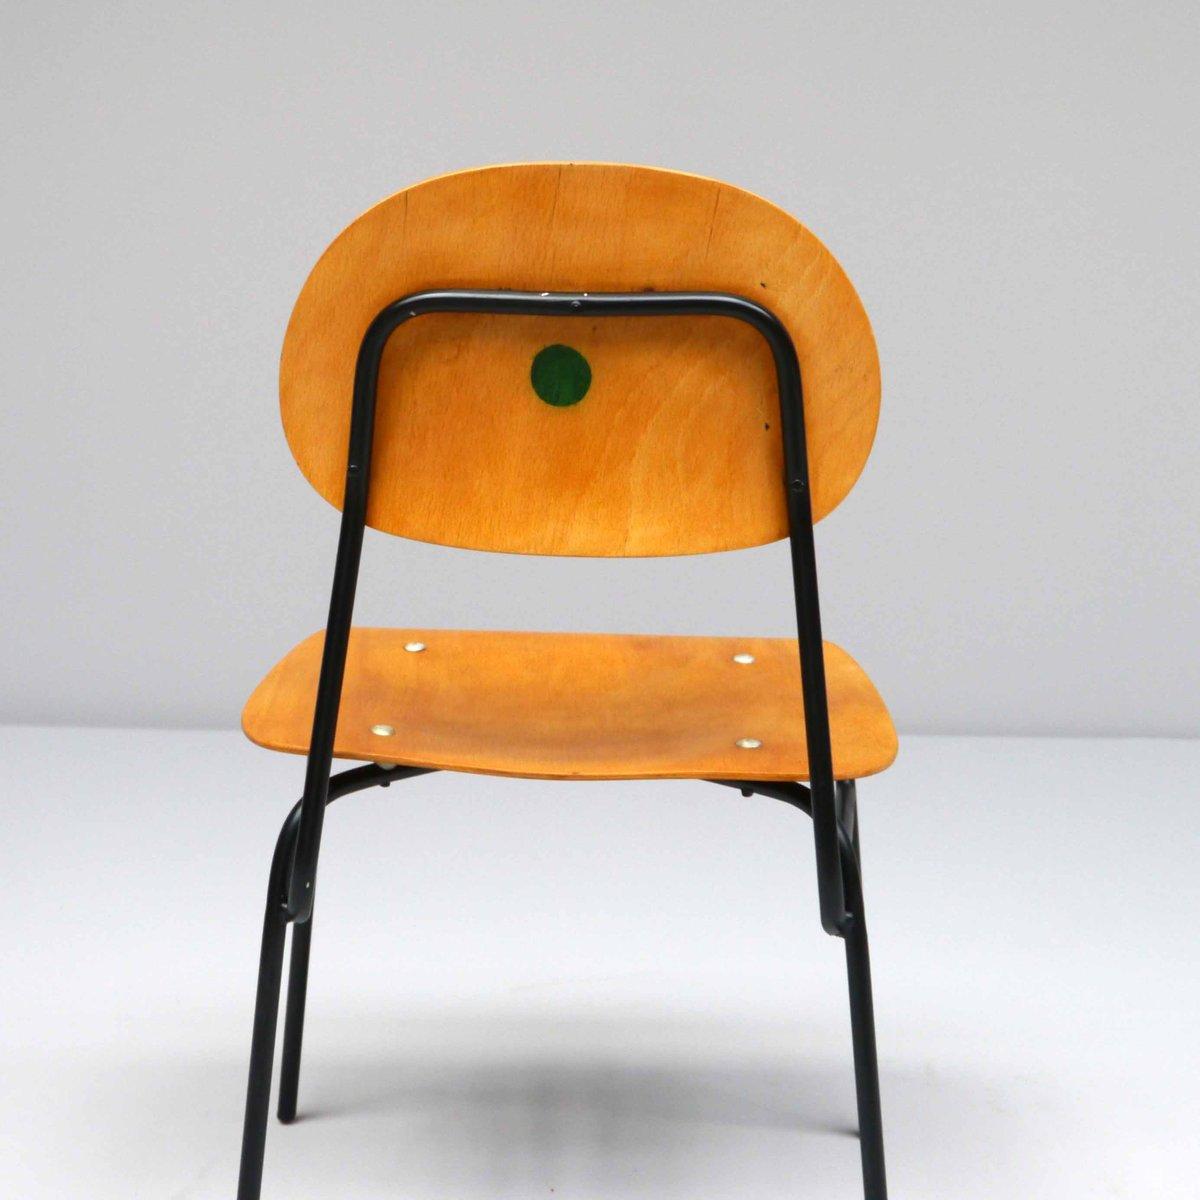 Vintage schulstuhl 1960er bei pamono kaufen for Schulstuhl holz